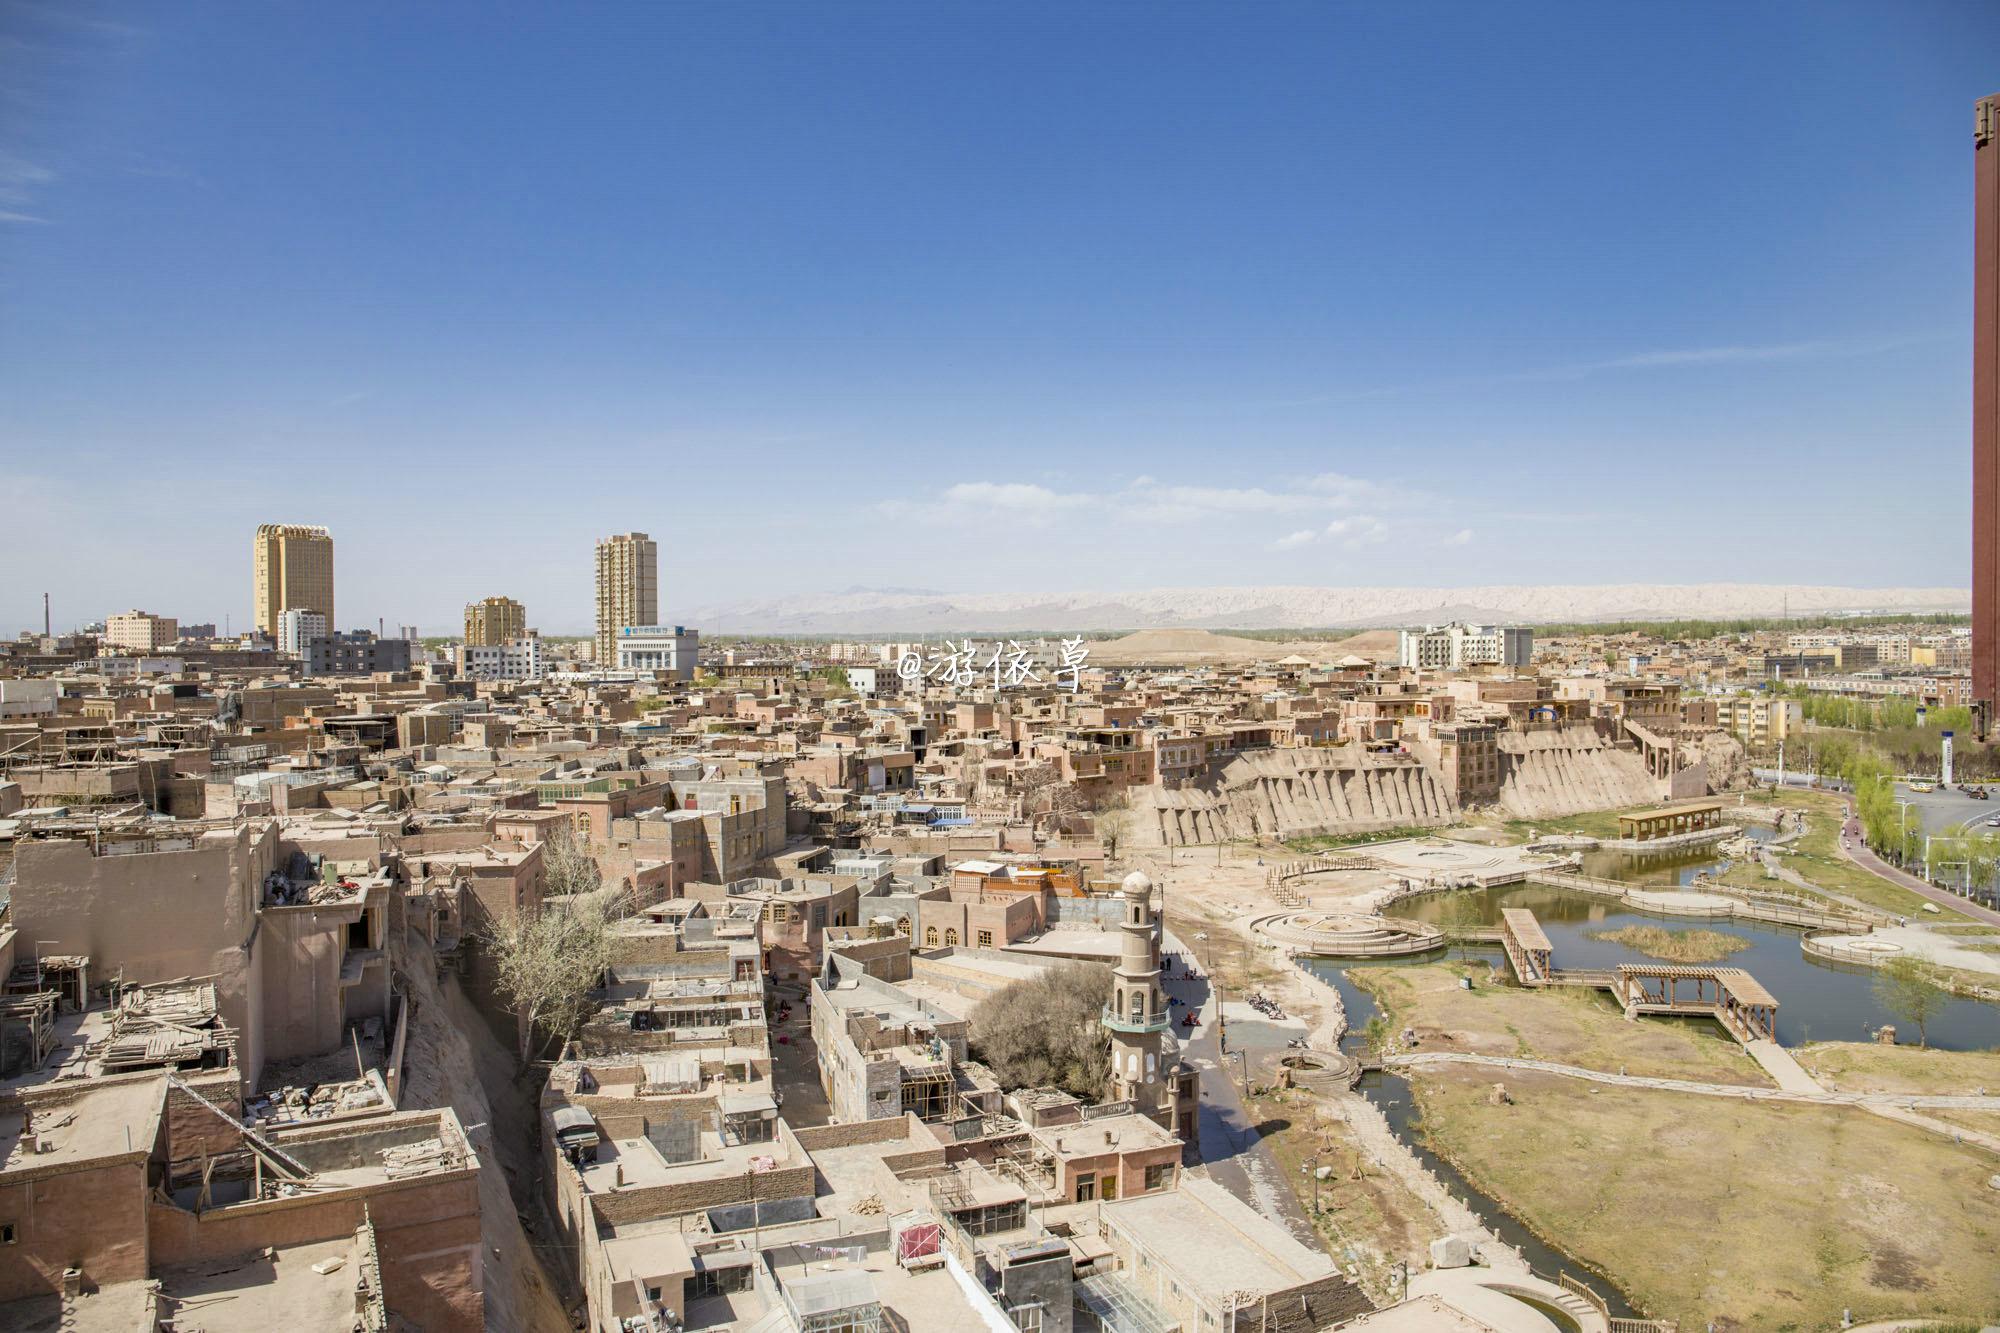 【我是达人】南疆|喀什塔县,跟随电影《追风筝的人》体味异域风情